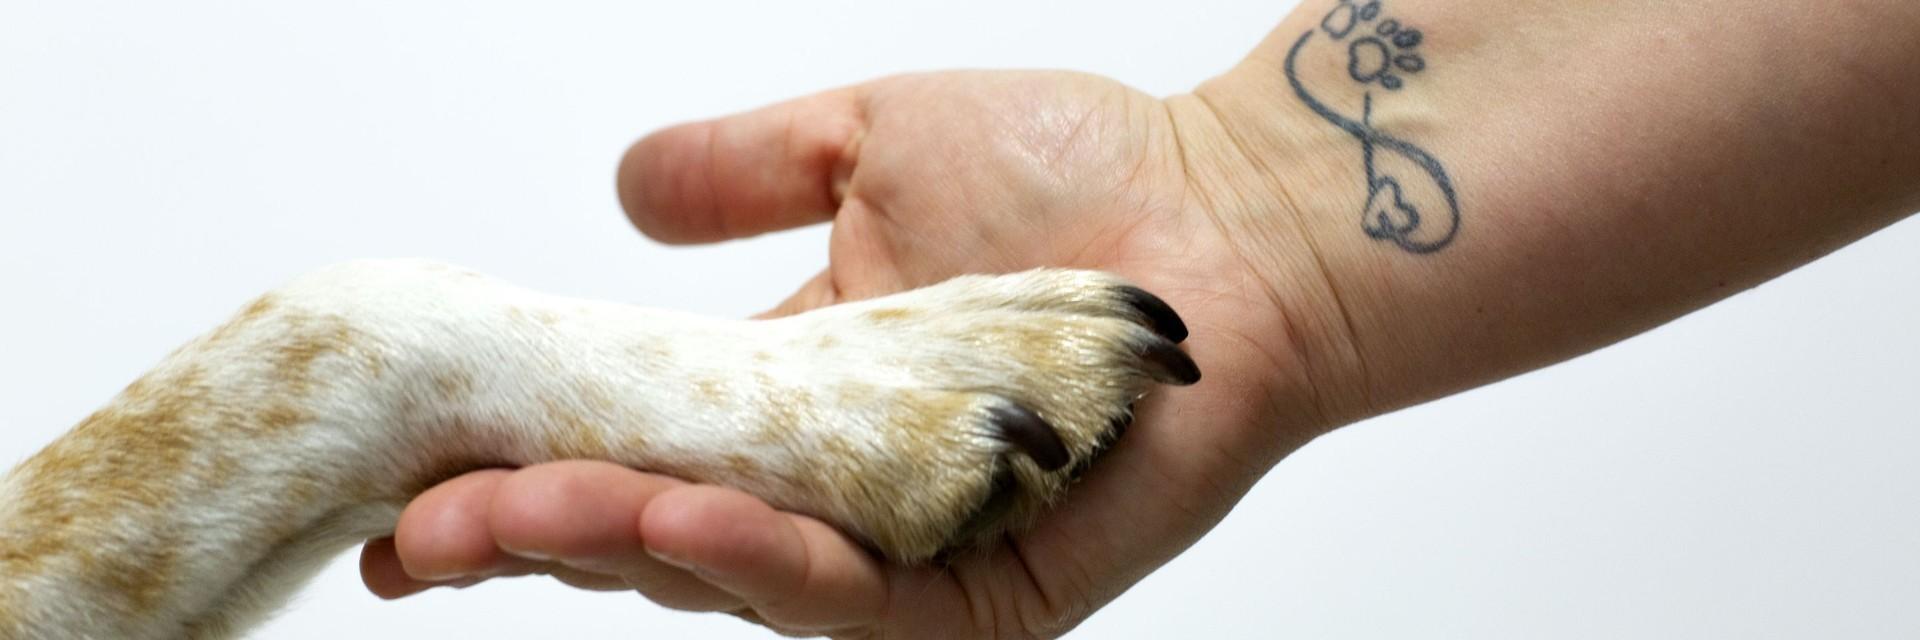 Hundepfote und Menschenhand